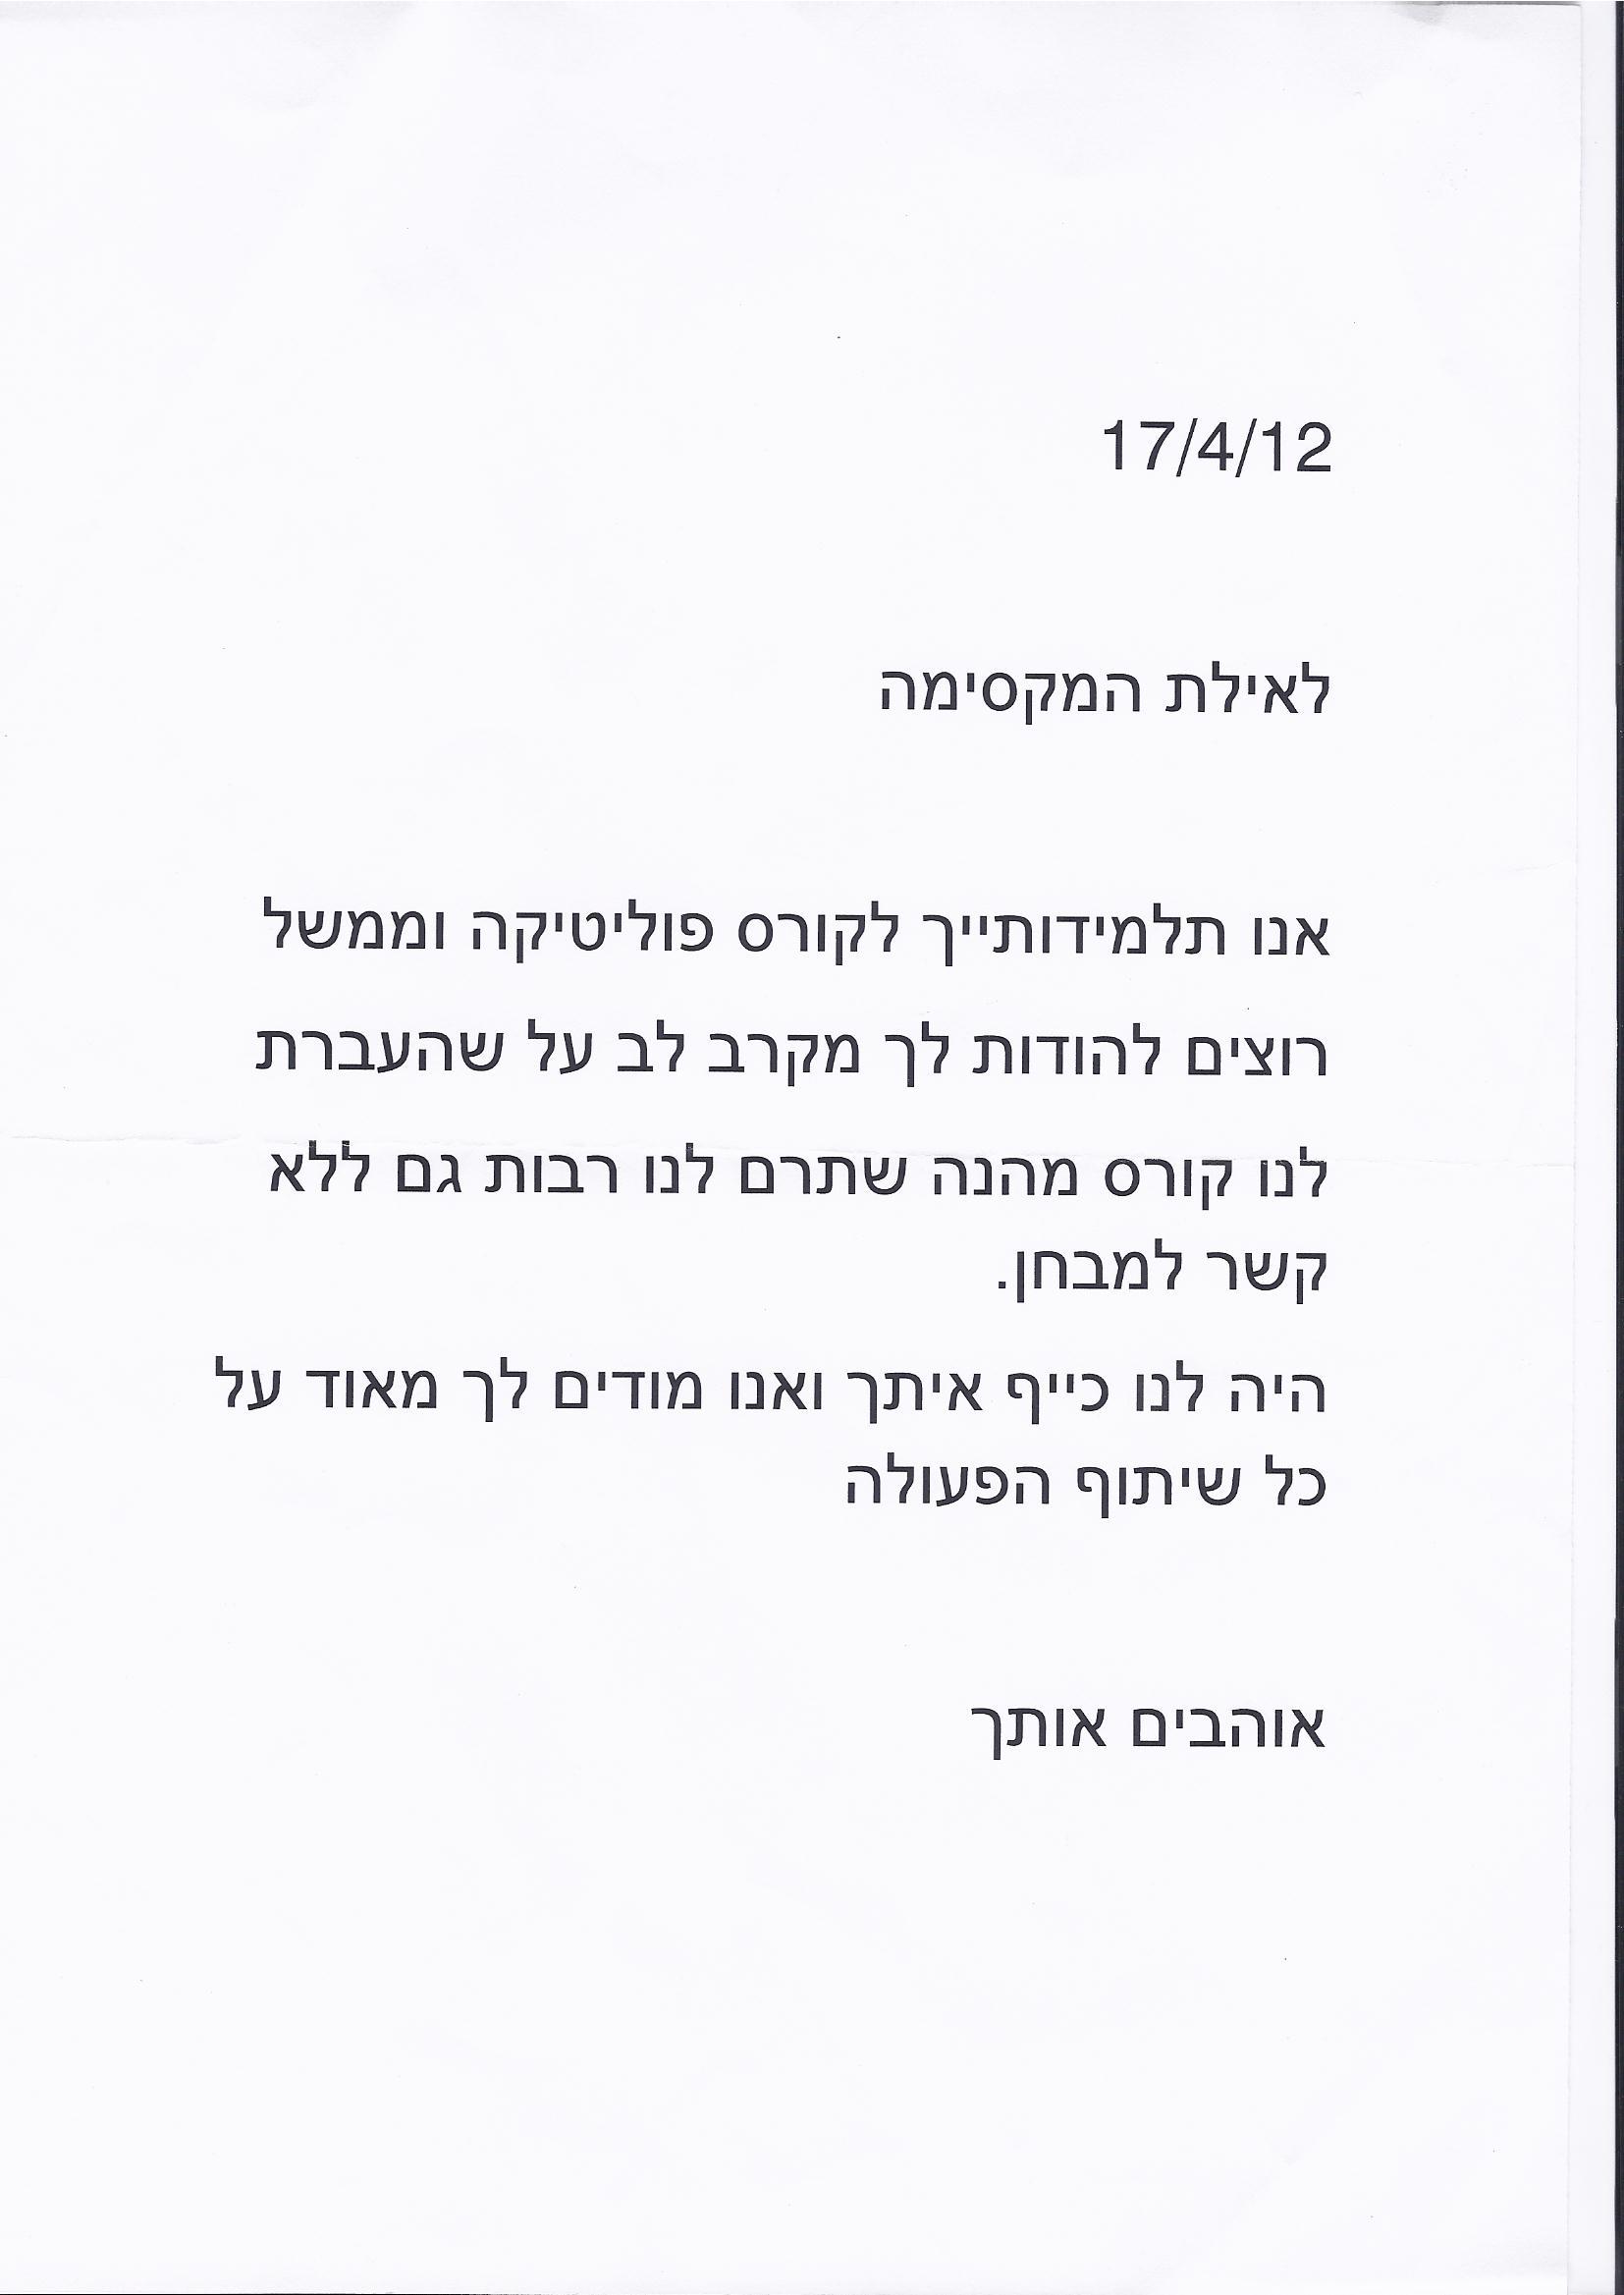 מכתב הערכה ביטוח לאומי ירושלים.jpg